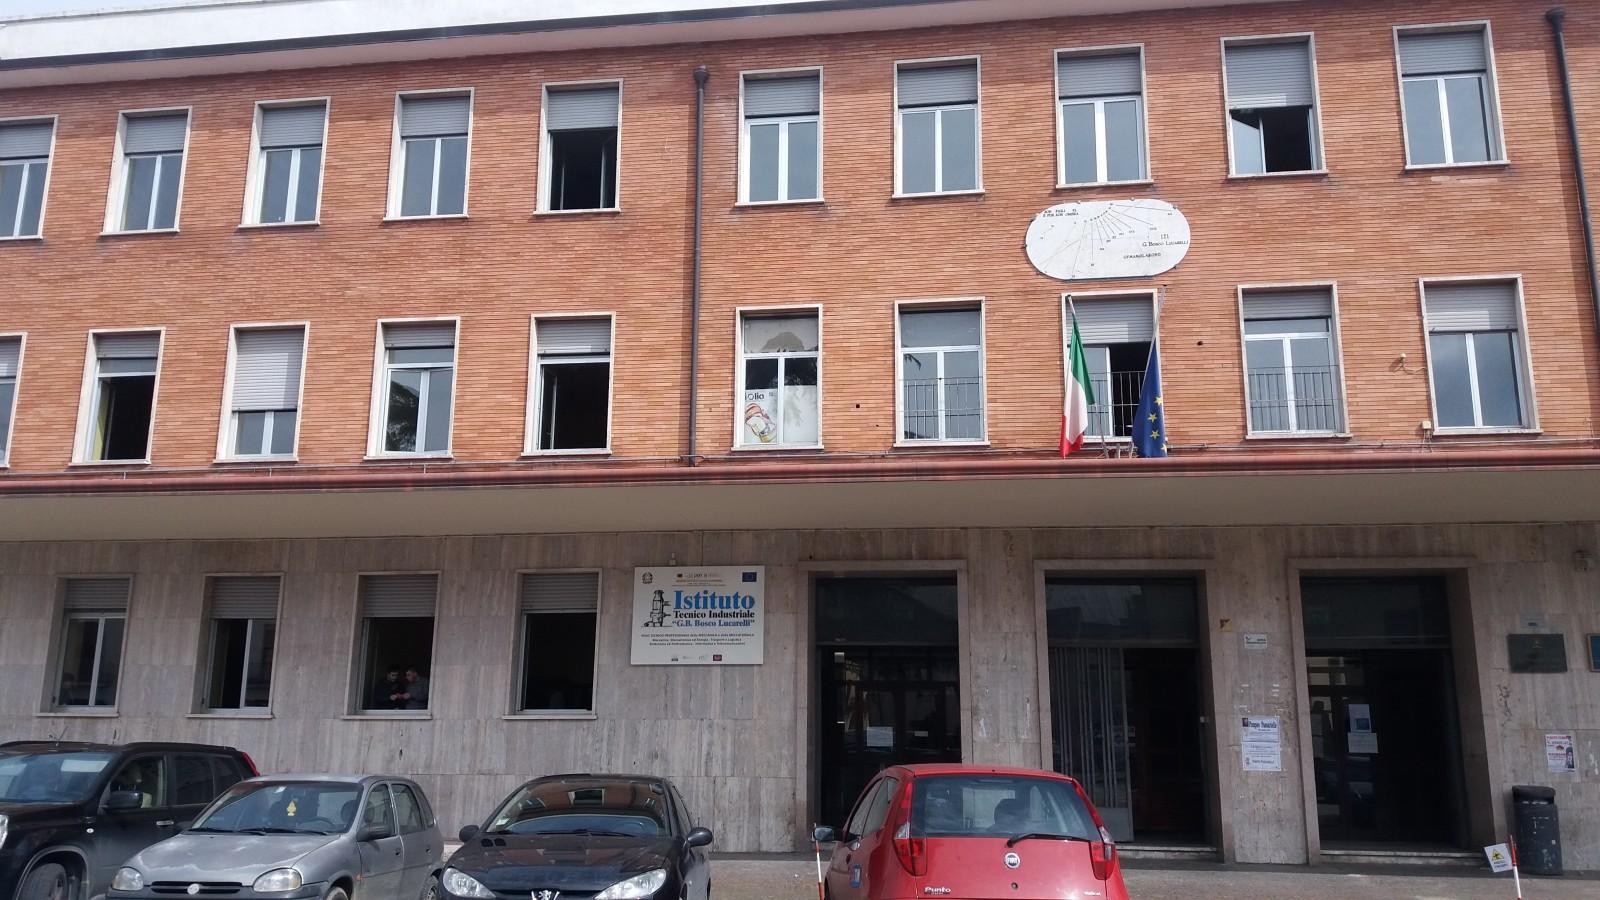 Messa in sicurezza dell'Istituto Tecnico Industriale Lucarelli